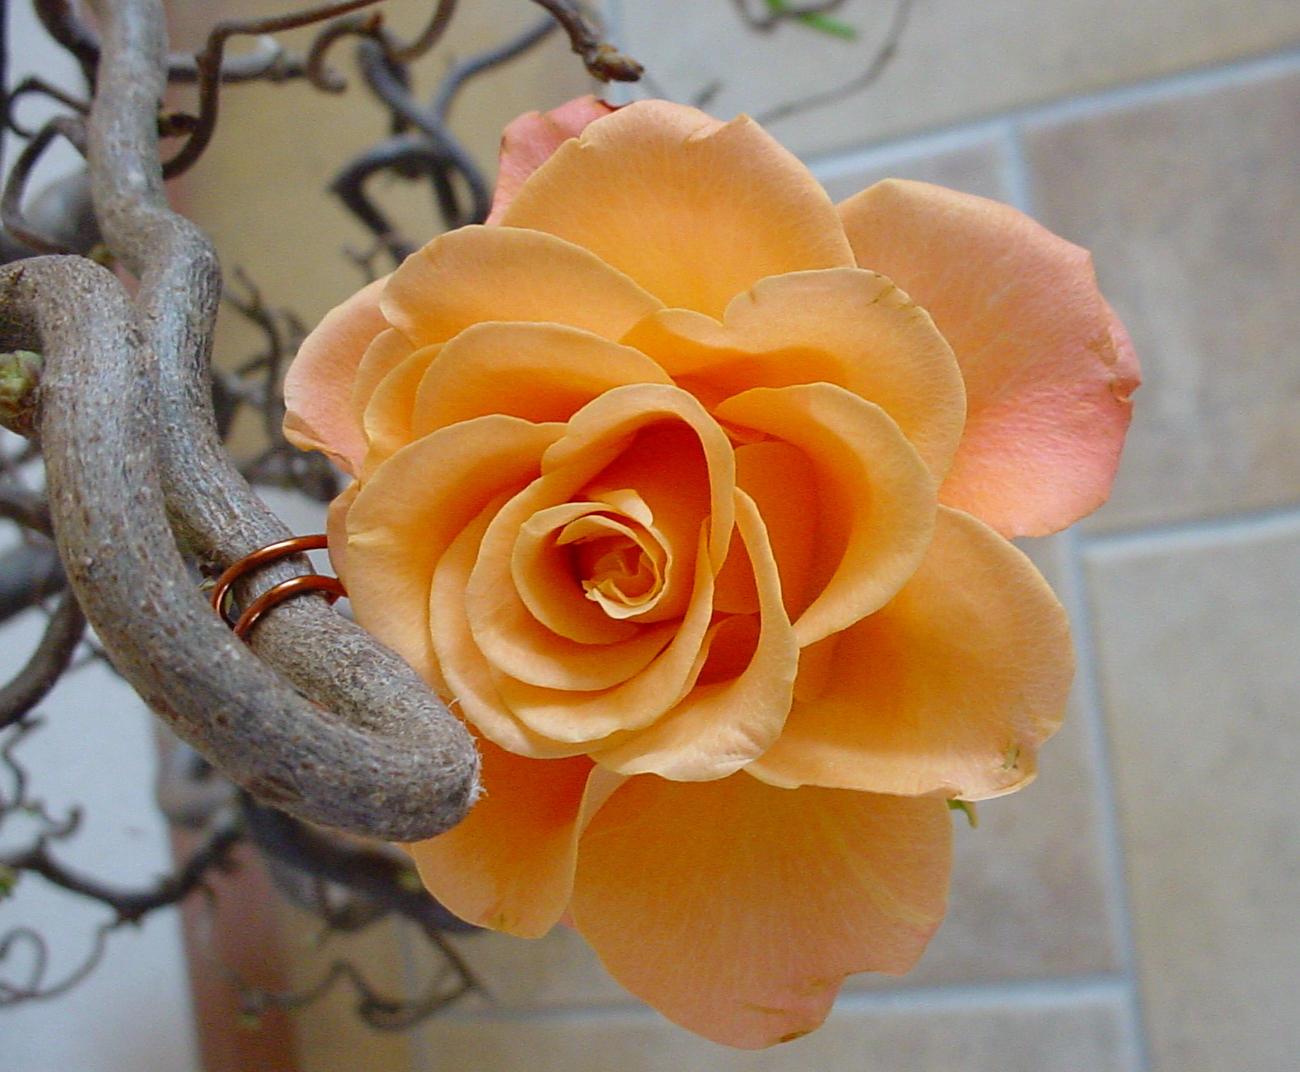 Rose by Tobiaz-G